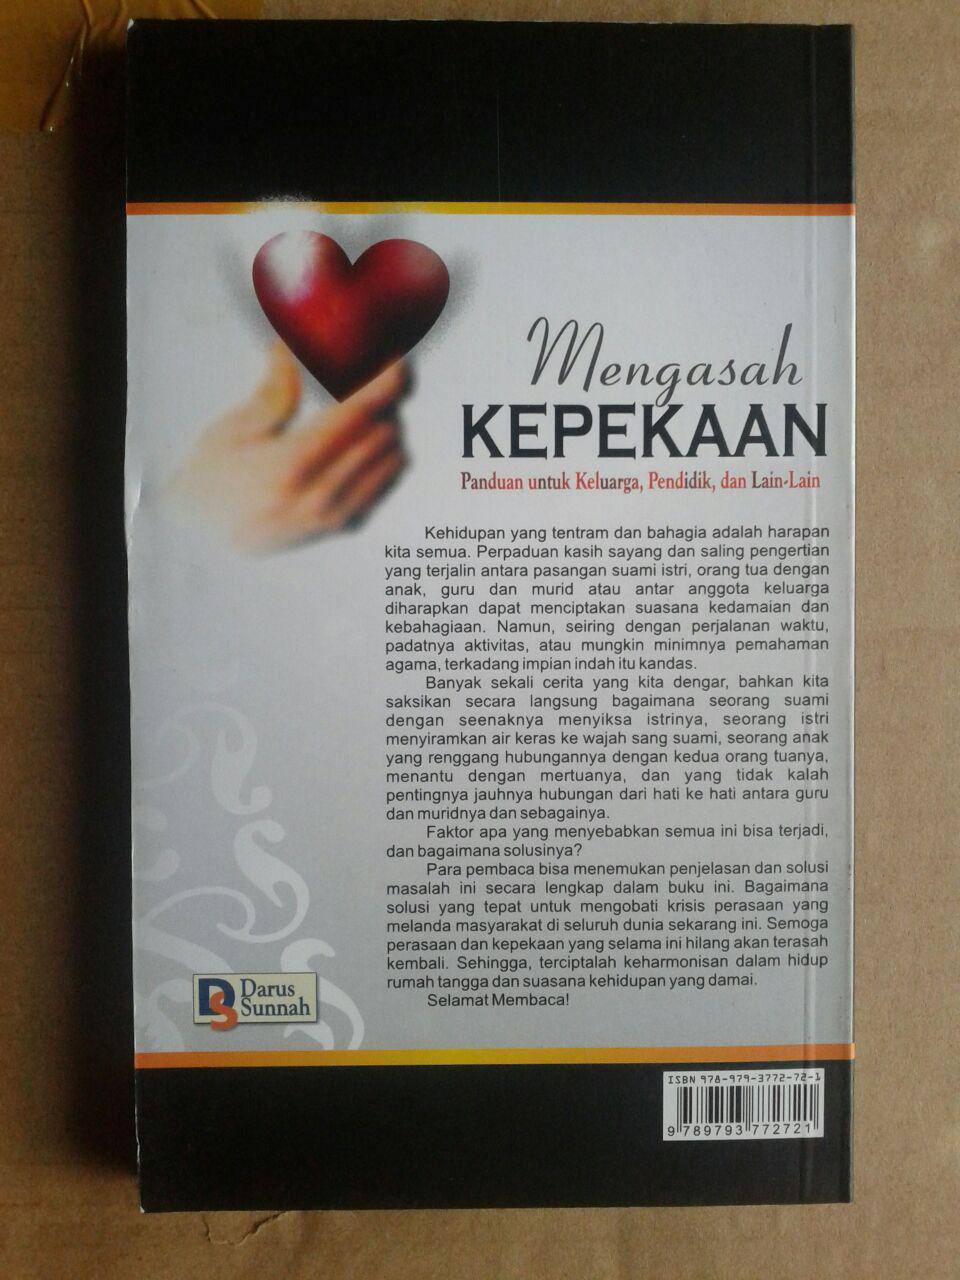 Buku Mengasah Kepekaan Panduan Untuk Keluarga Pendidik cover 2